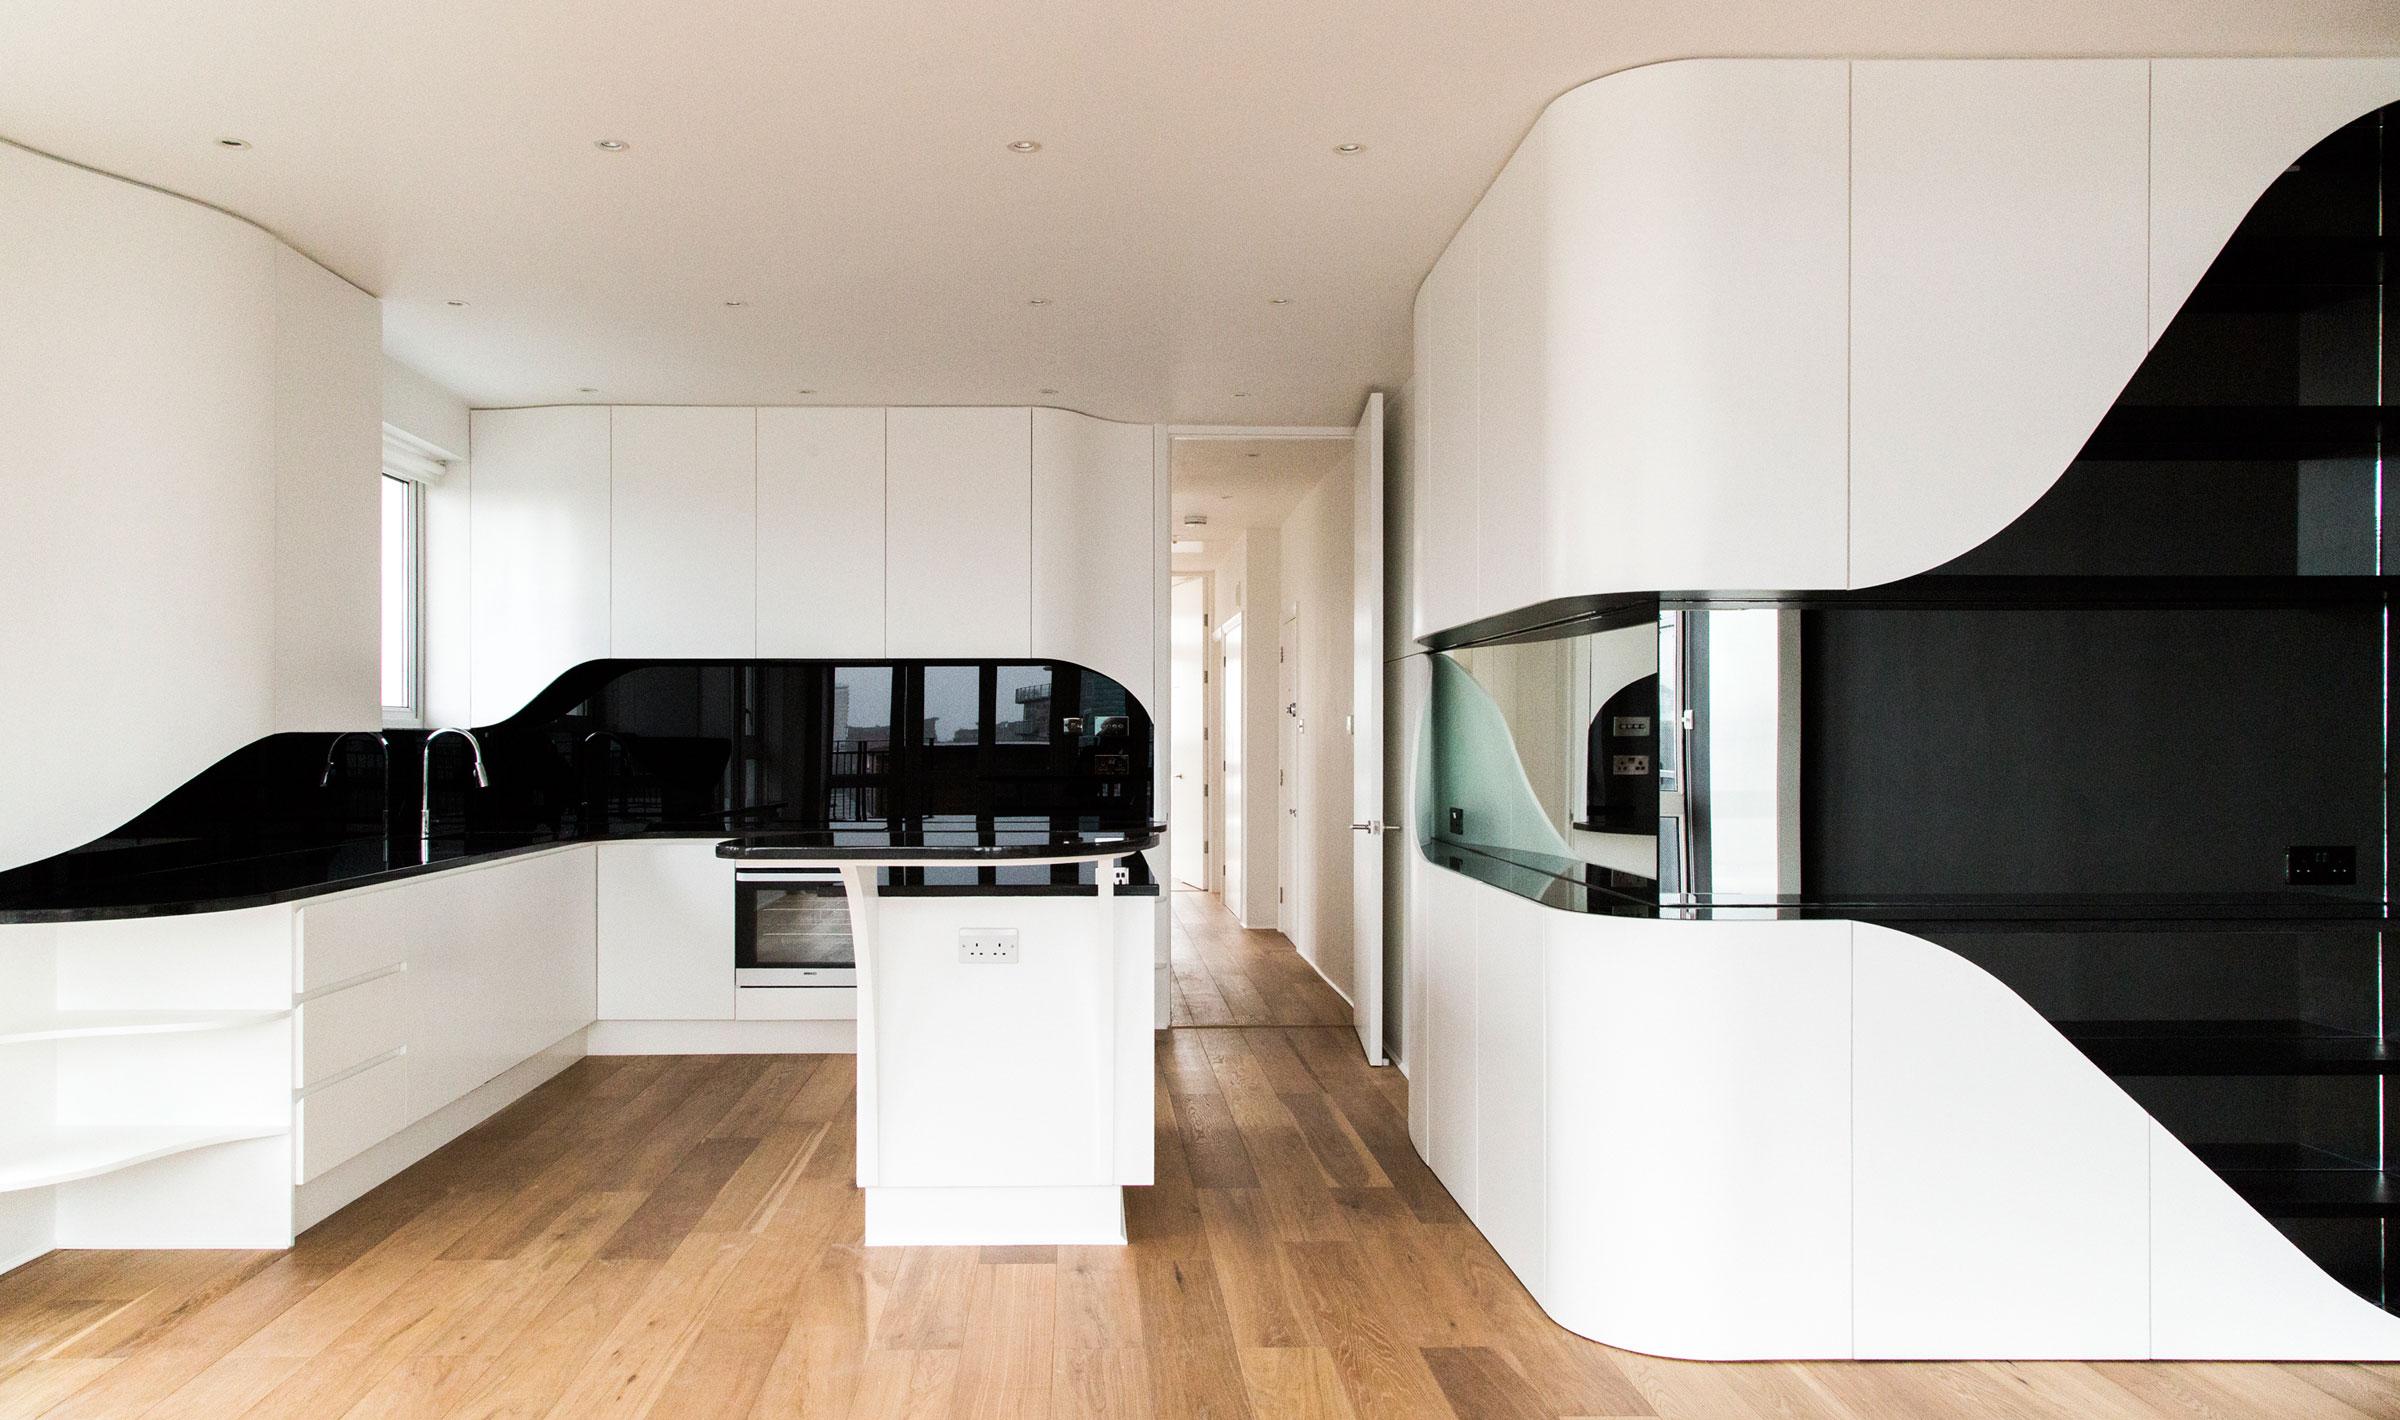 Роскошный интерьер кухни в загородном доме - Фото 27